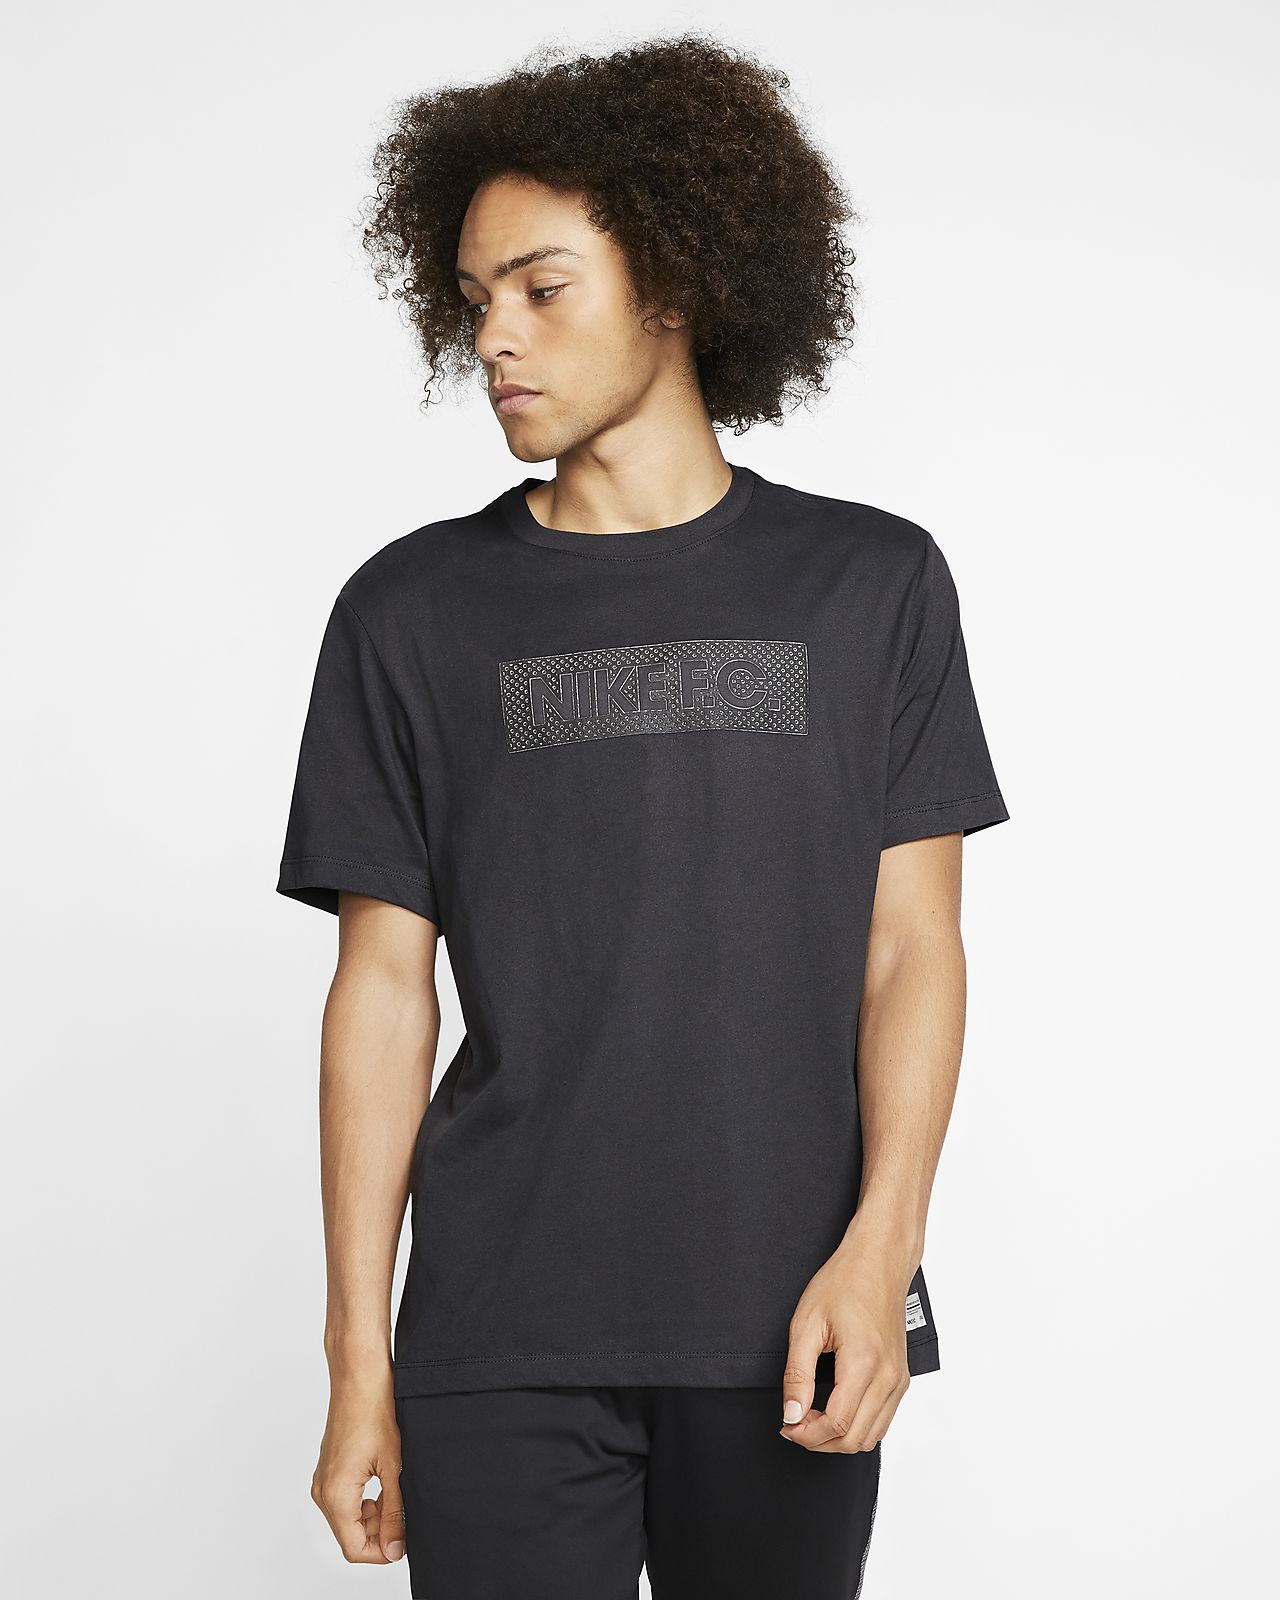 เสื้อยืดผู้ชาย Nike F.C.